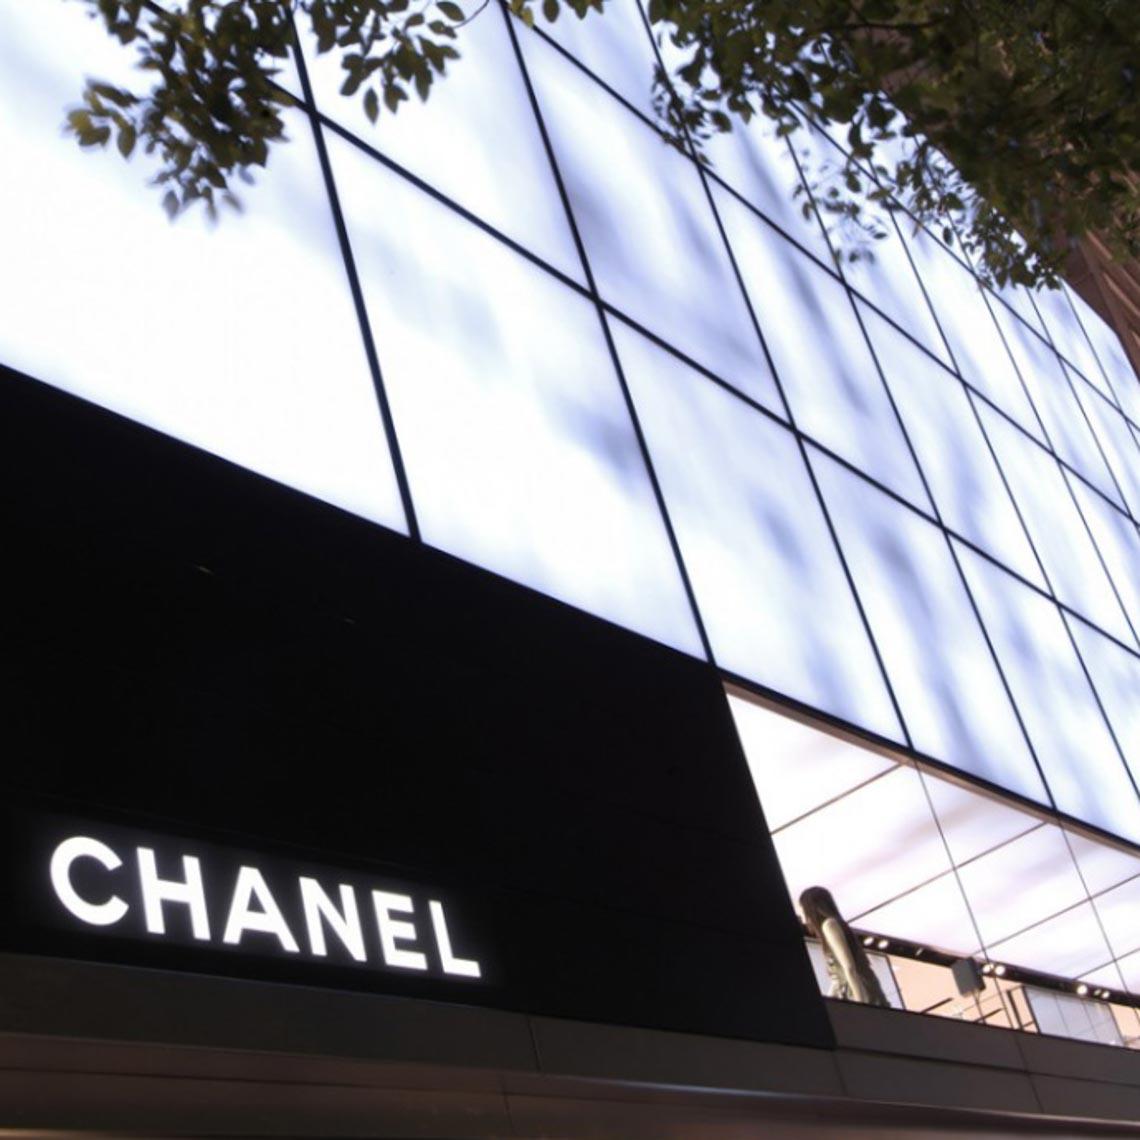 Chanel Cruise 2021 tại Hong Kong: trì hoãn vì căng thẳng chính trị - 3